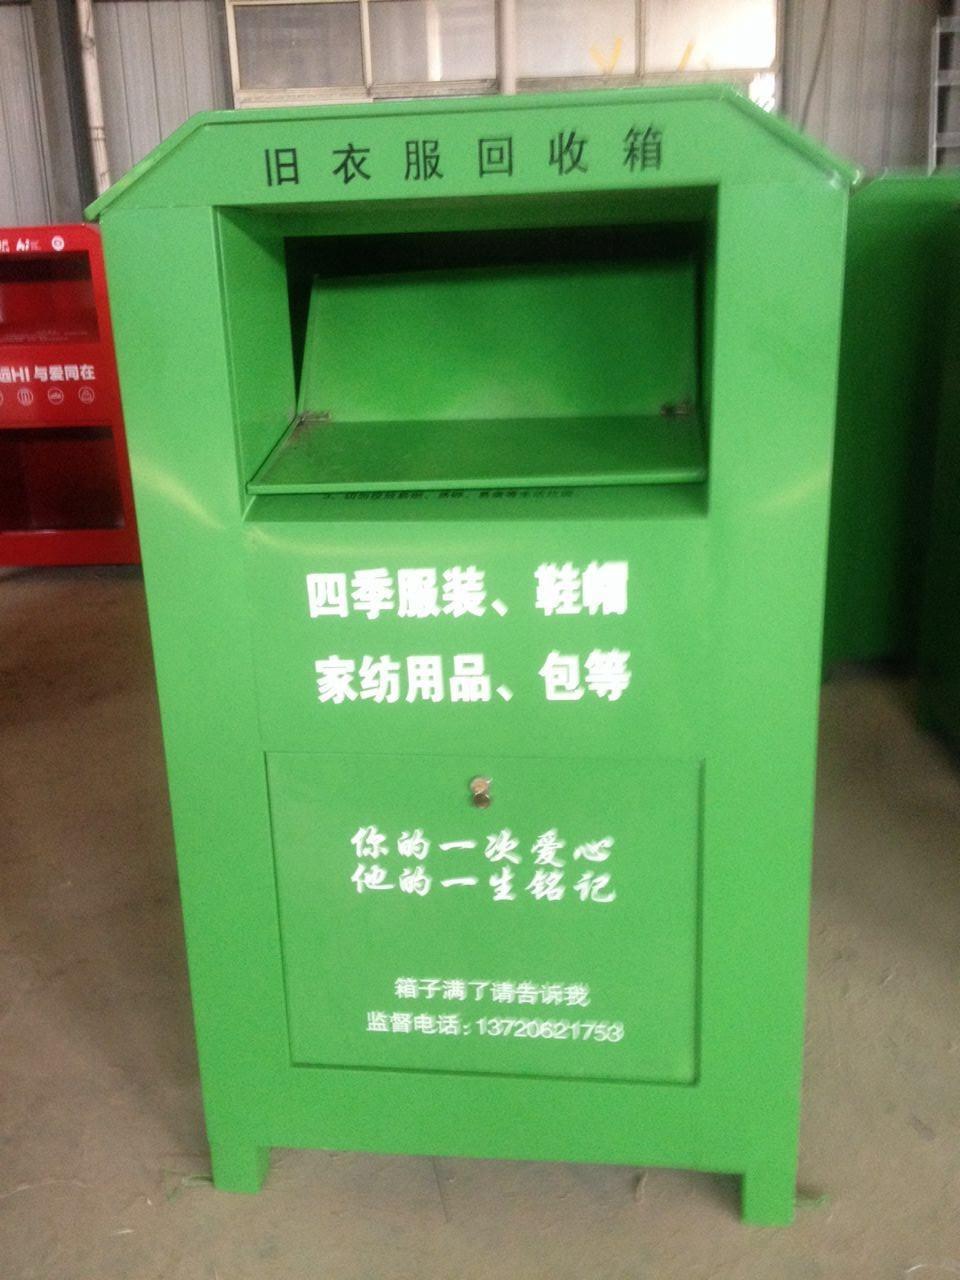 旧衣回收箱生产厂家直销